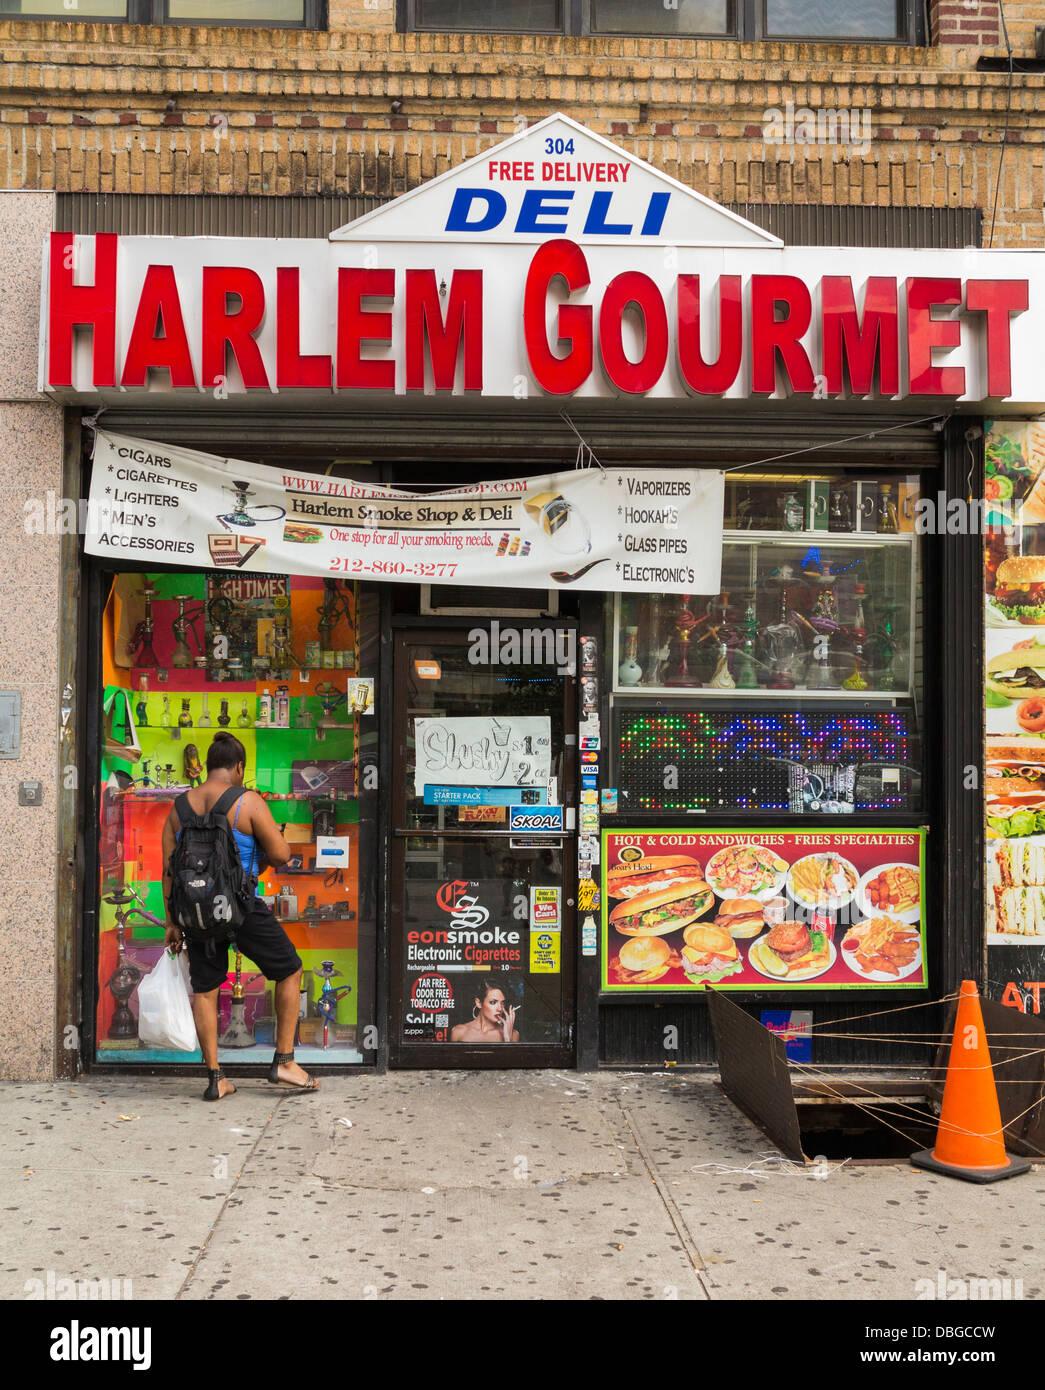 A Deli in Harlem, New York - Stock Image